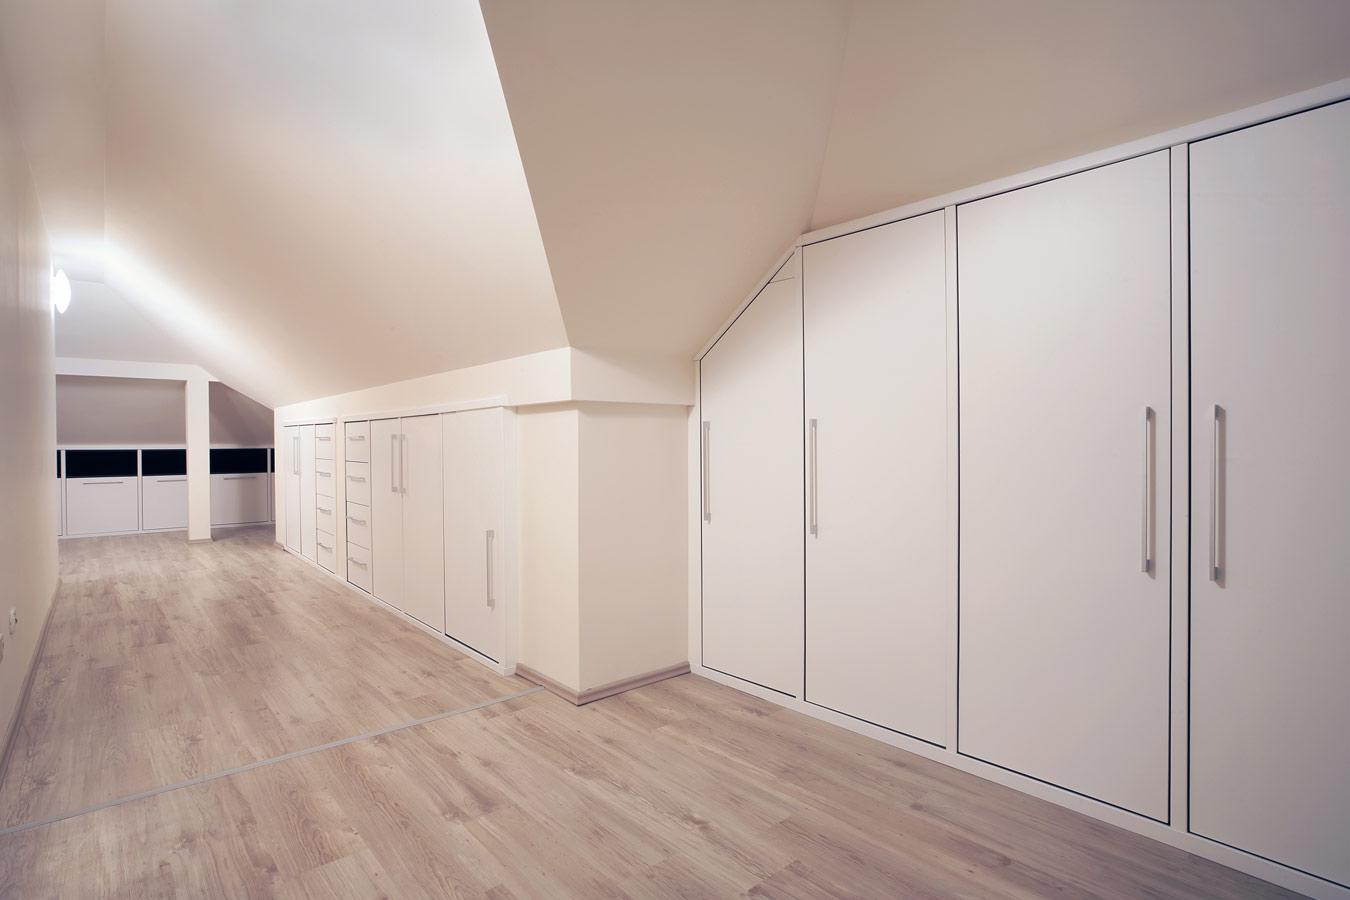 Slaapkamer Wandkasten : Witte inbouwkasten aangepast aan schuine ...